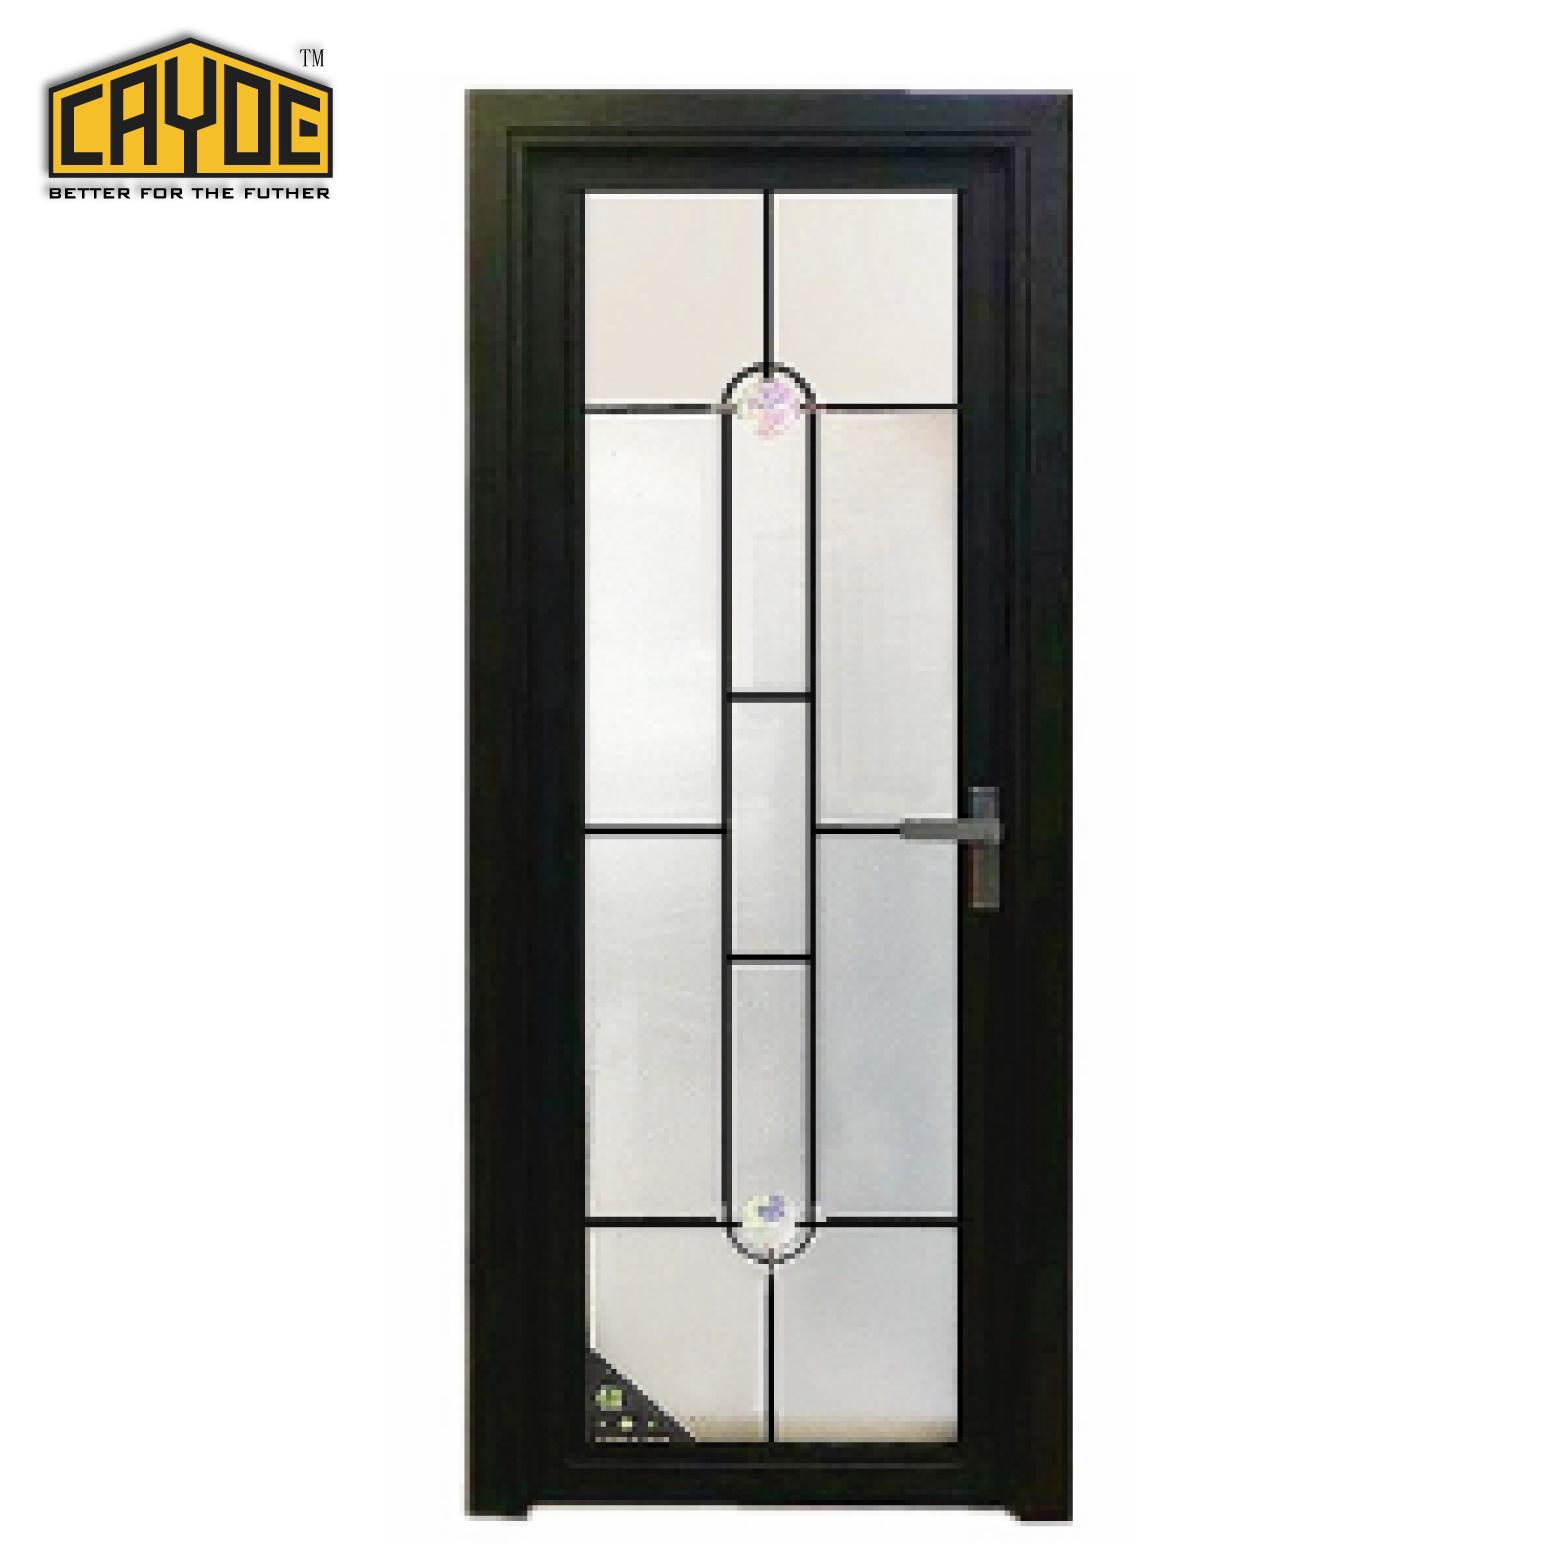 China Aluminum Door Build Metal Bathroom And Toilet Room Glass Door